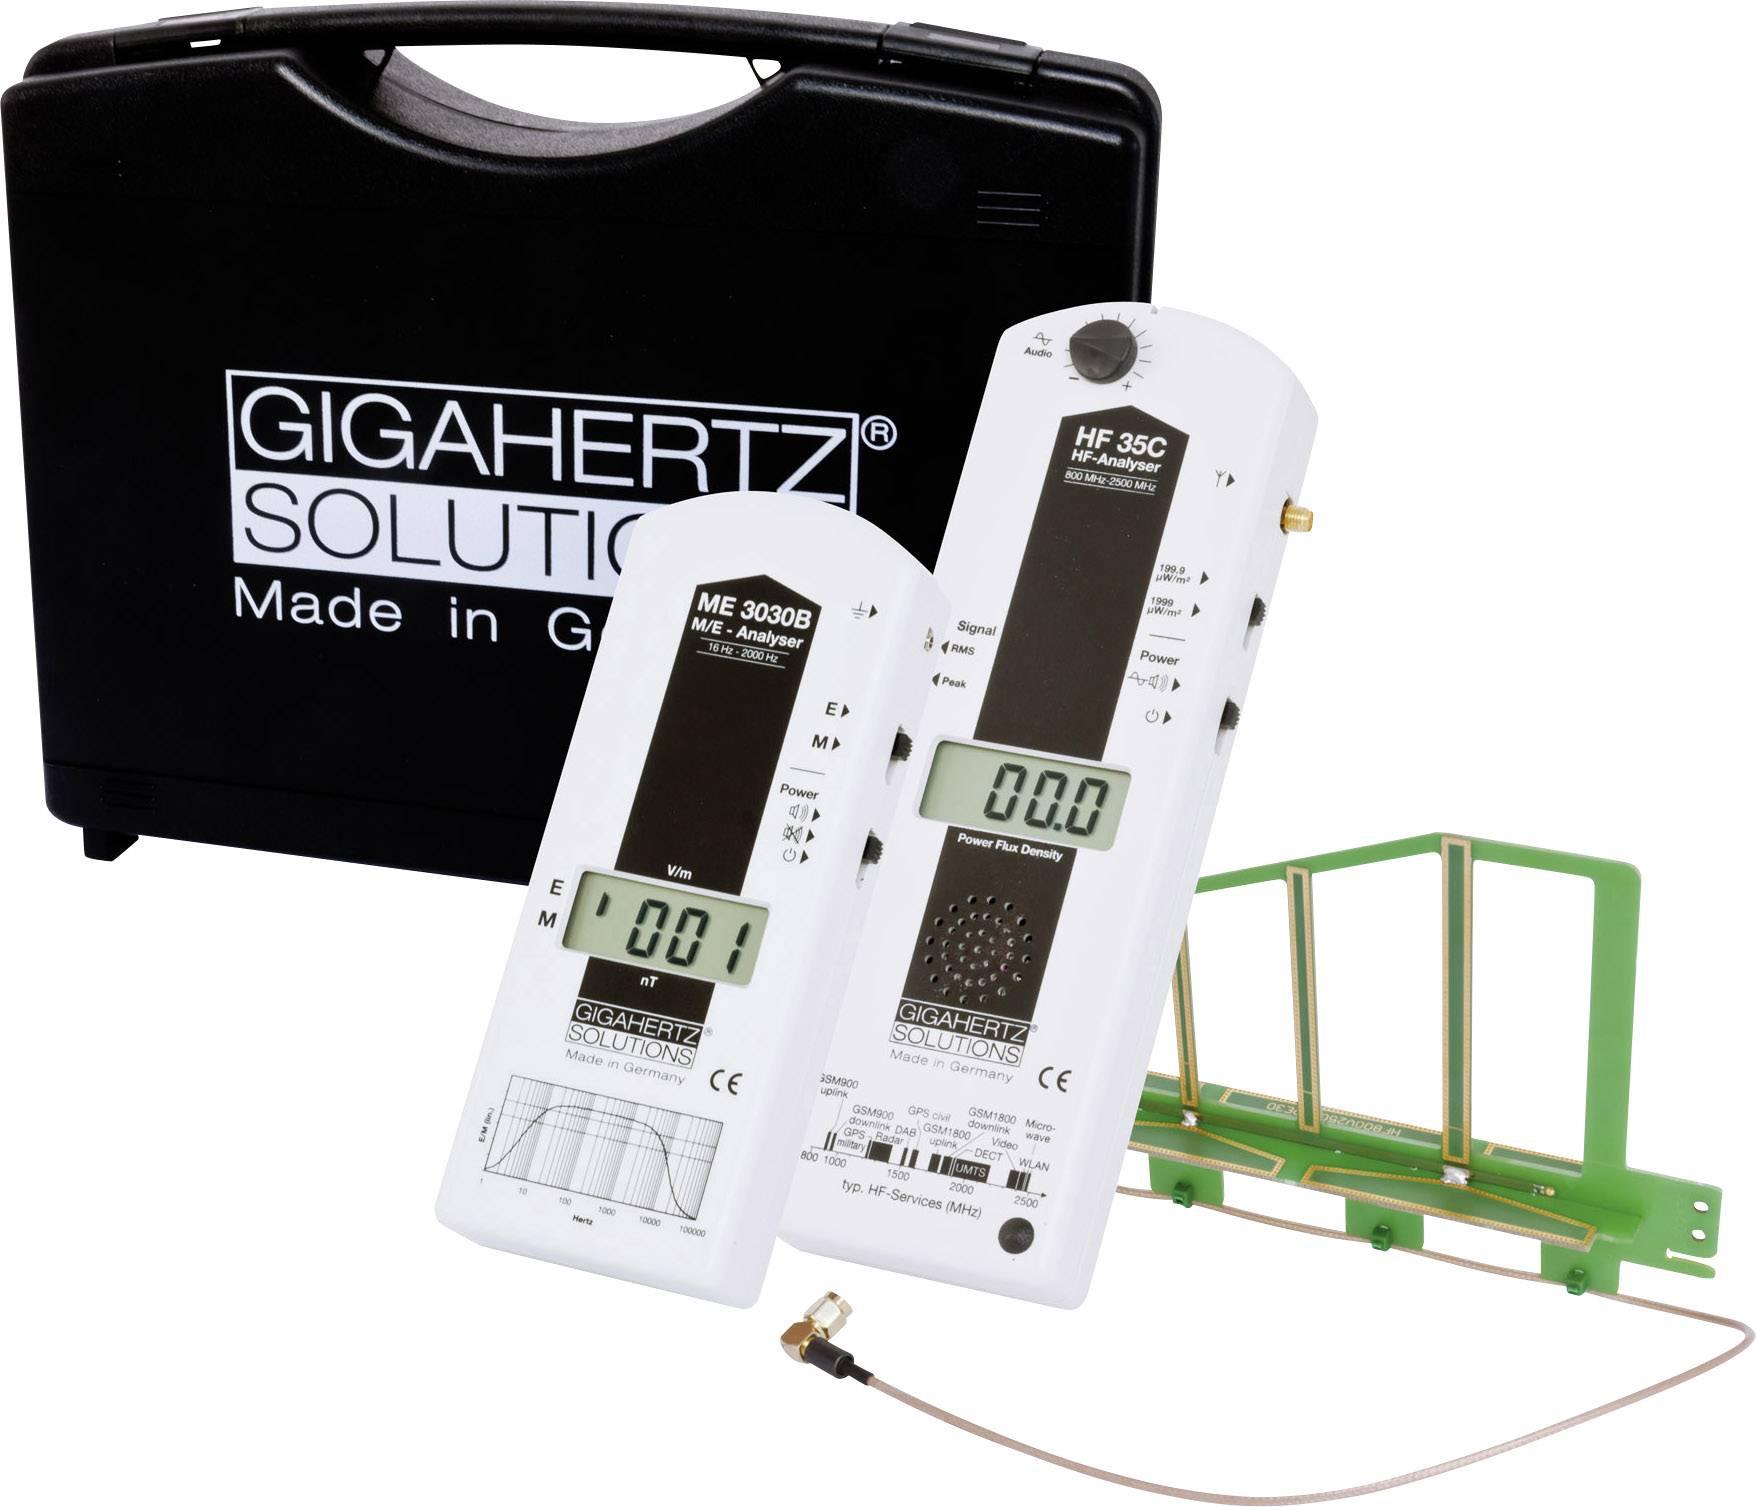 Sada pro měření elektrosmogu Gigahertz Solutions MK20, VF analyzátor HF35C, HF an. ME3830B